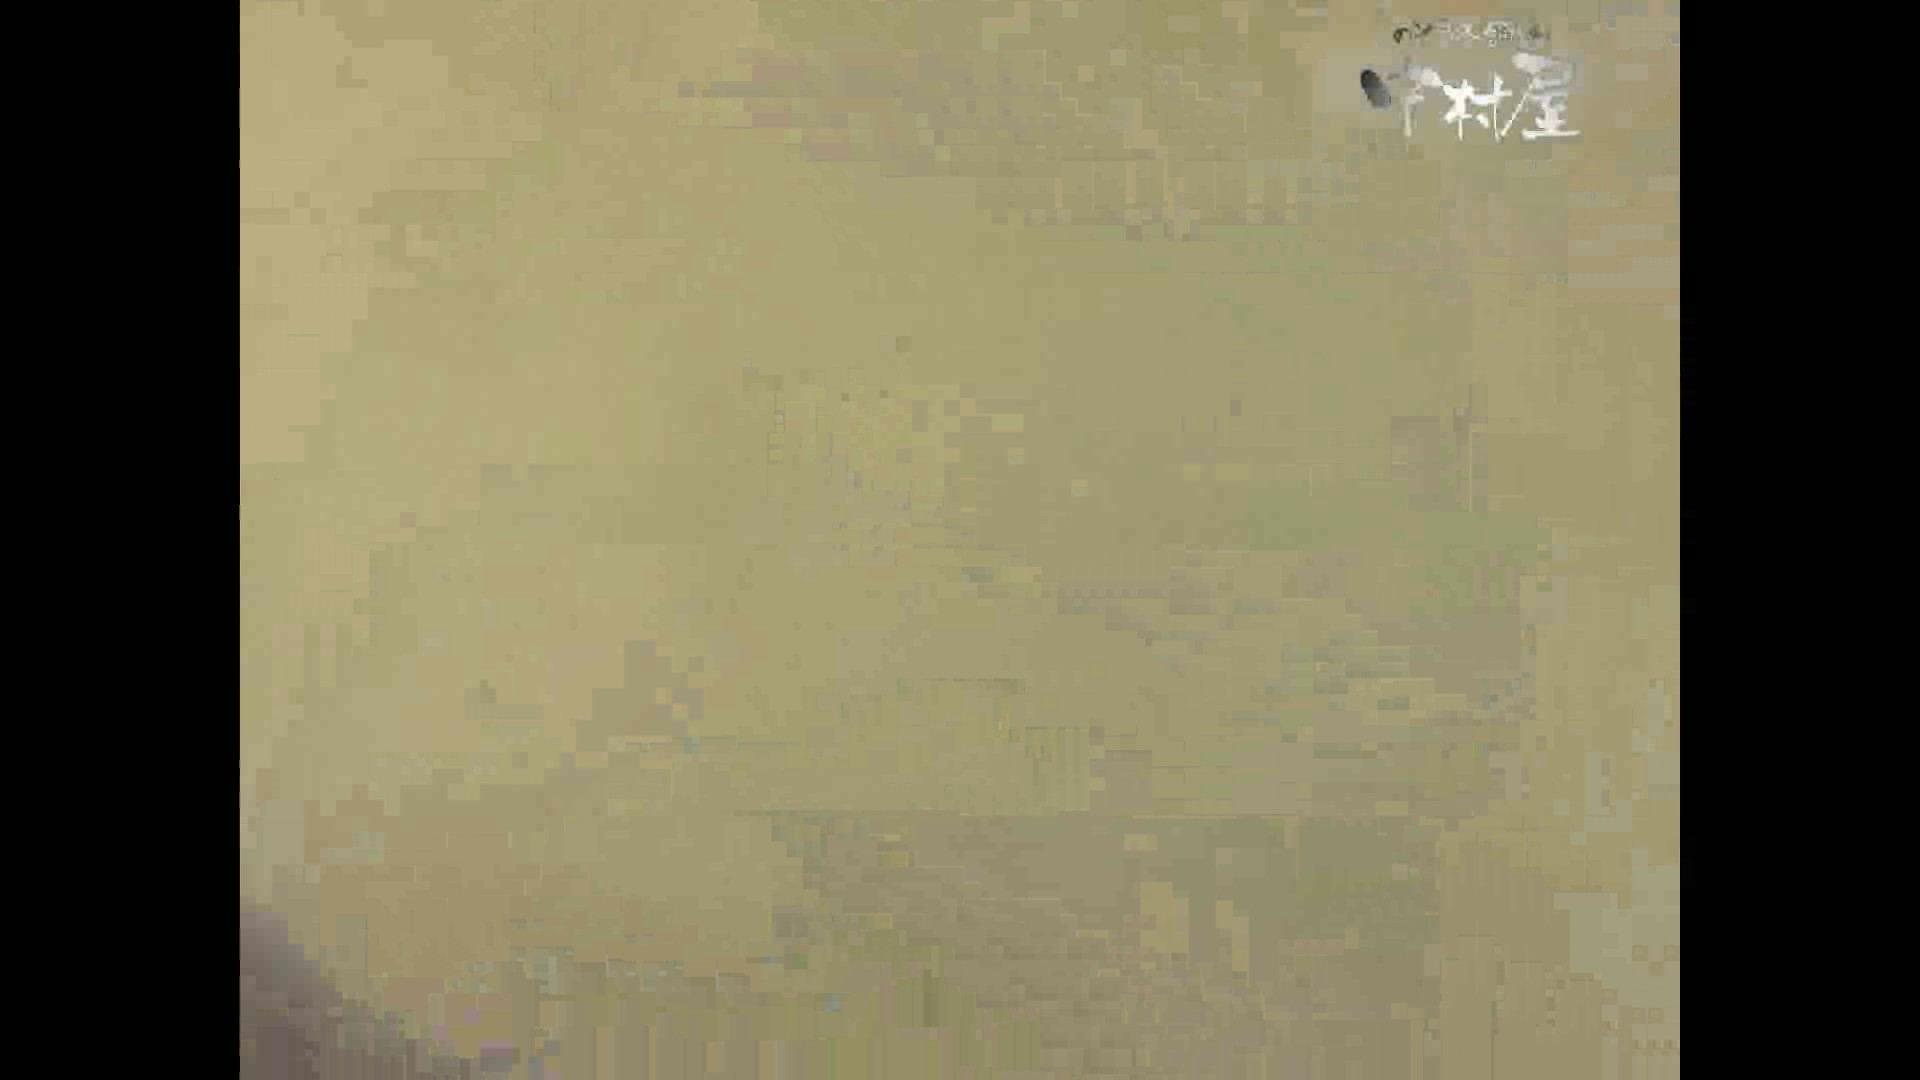 岩手県在住盗撮師盗撮記録vol.23 お姉さんのエロ生活 ワレメ無修正動画無料 112連発 107